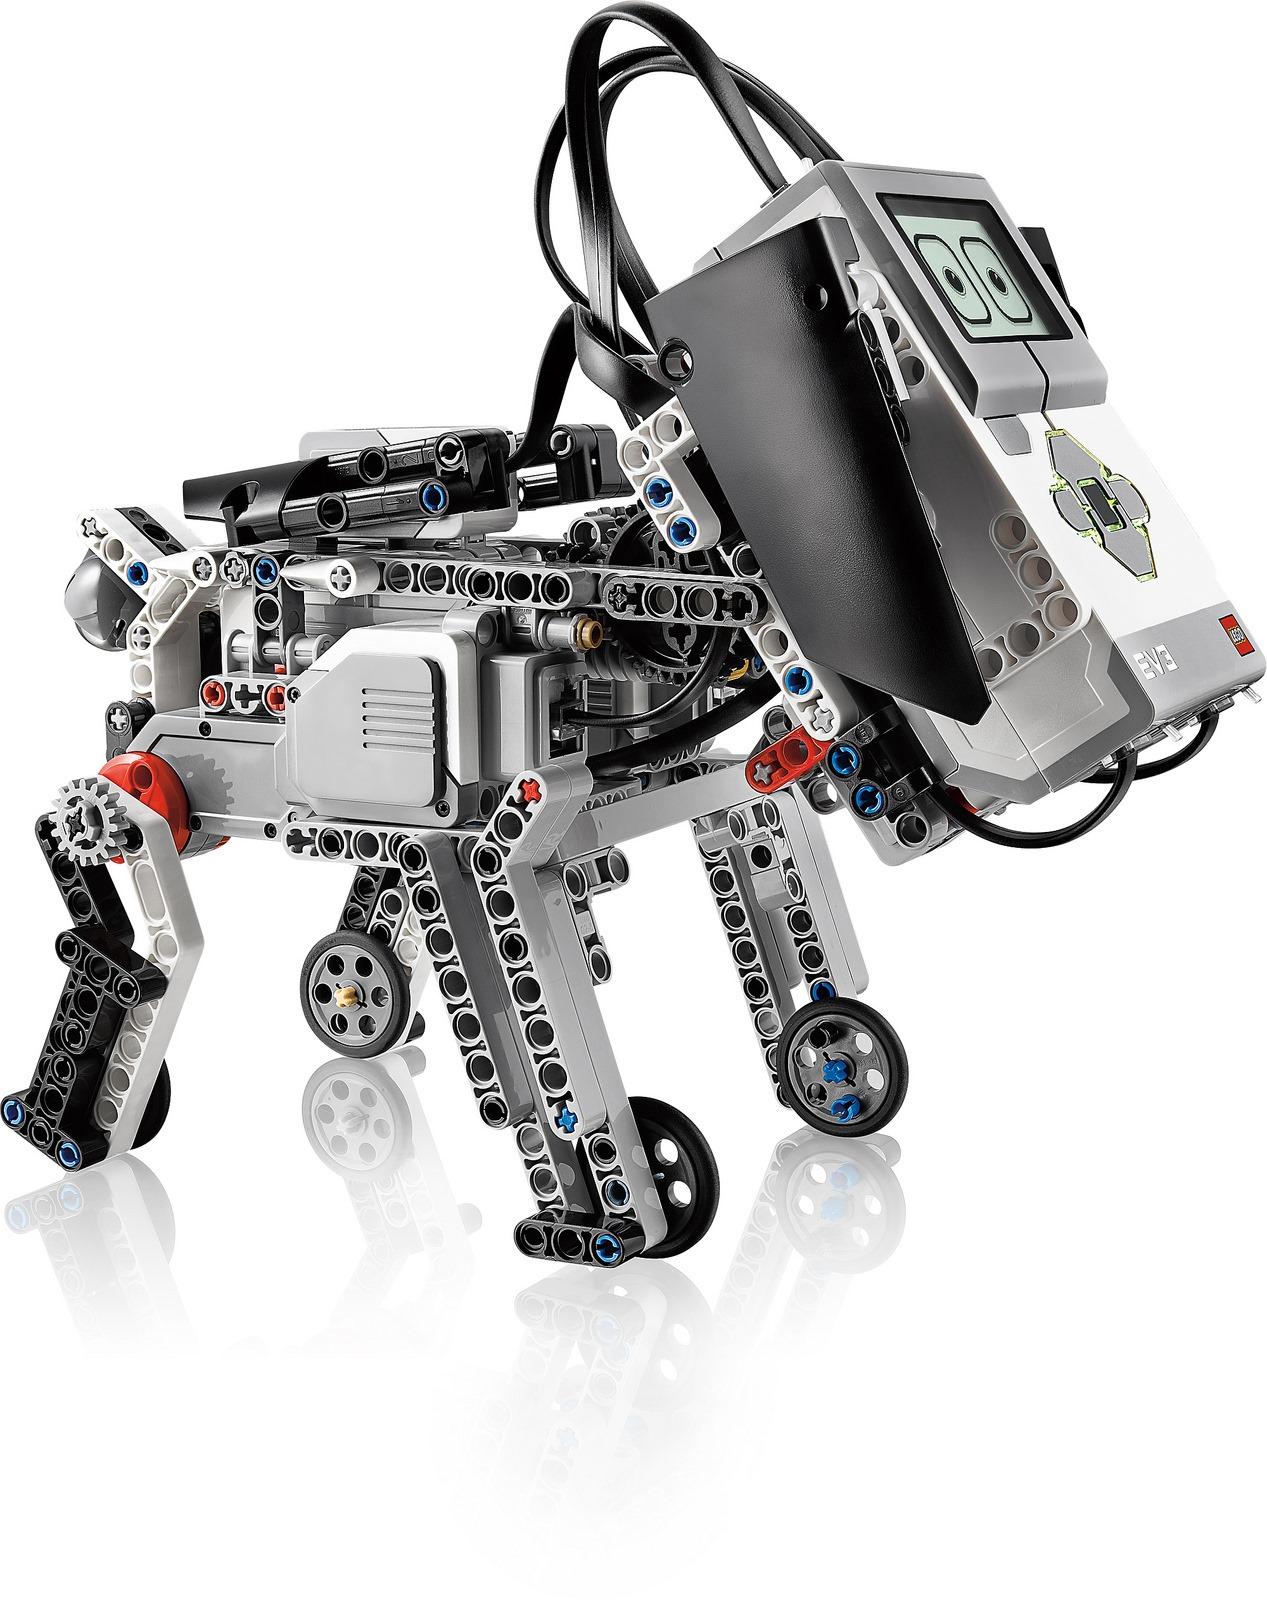 Αποτέλεσμα εικόνας για lego mindstorms ev3 hund